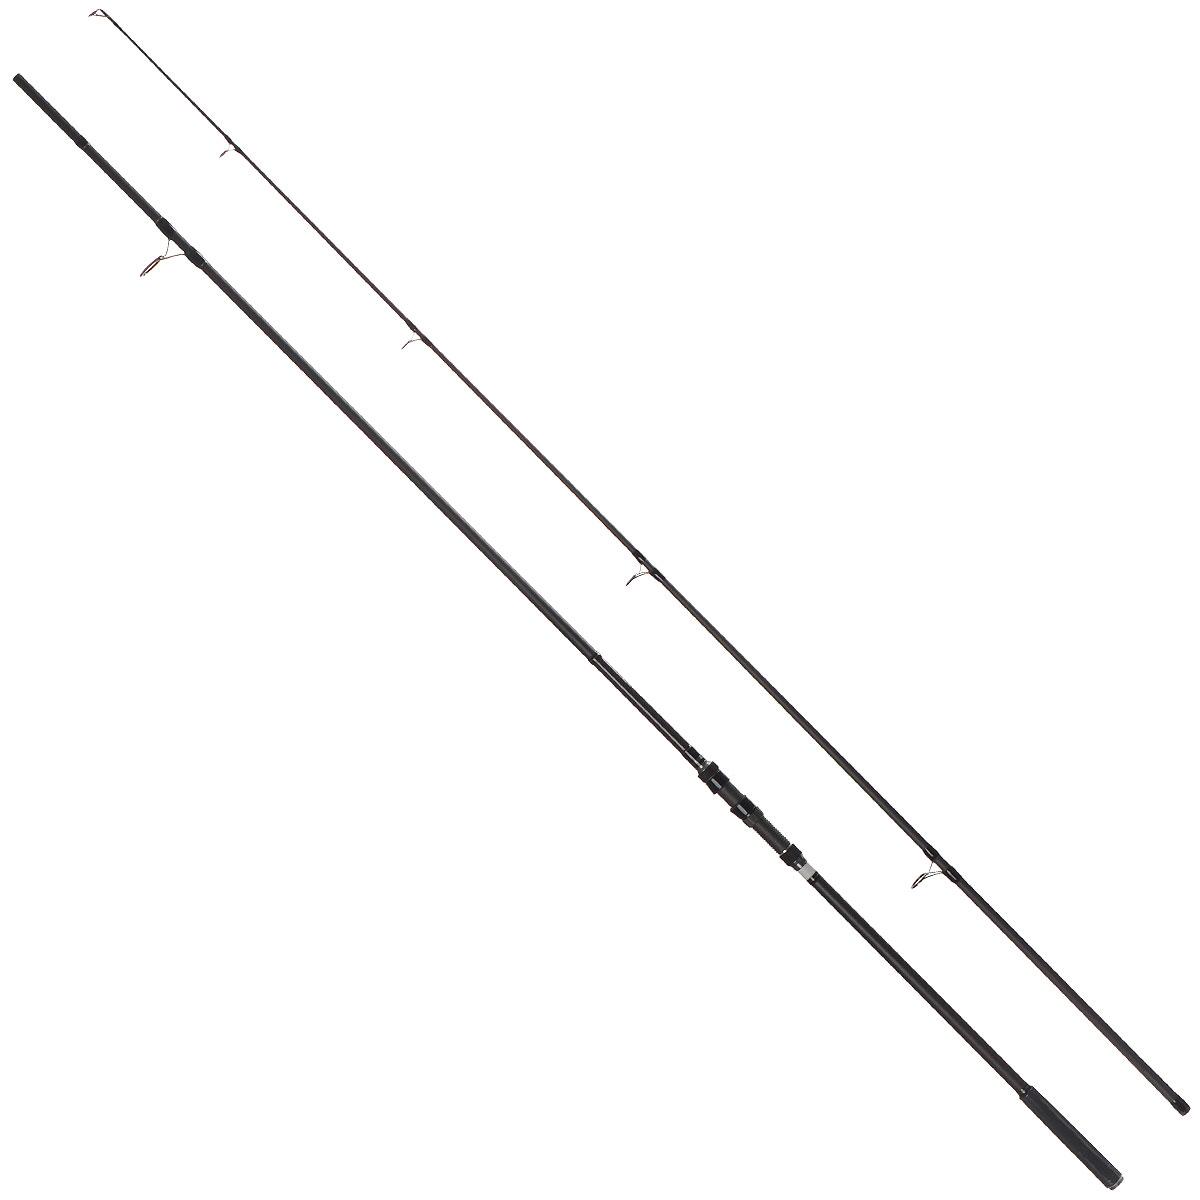 Удилище карповое Daiwa Windcast Carp, 3,6 м, 4,5 lbs0023293Daiwa Windcast Carp - это высококлассное карповое удилище с феноменальными рабочими характеристиками.Особенности удилища:Бланки из высокомодульного графита обеспечивают высокую чувствительность и мощность. Армирующая графитовая оплетка по всей длине. Надежный катушкодержатель от FujiПропускные кольца со вставками Sic. Флуоресцентная полоска с подсветкой специально для ночной ловли.Поставляется в чехле для переноски и хранения.Тест: 4,5 lbs.